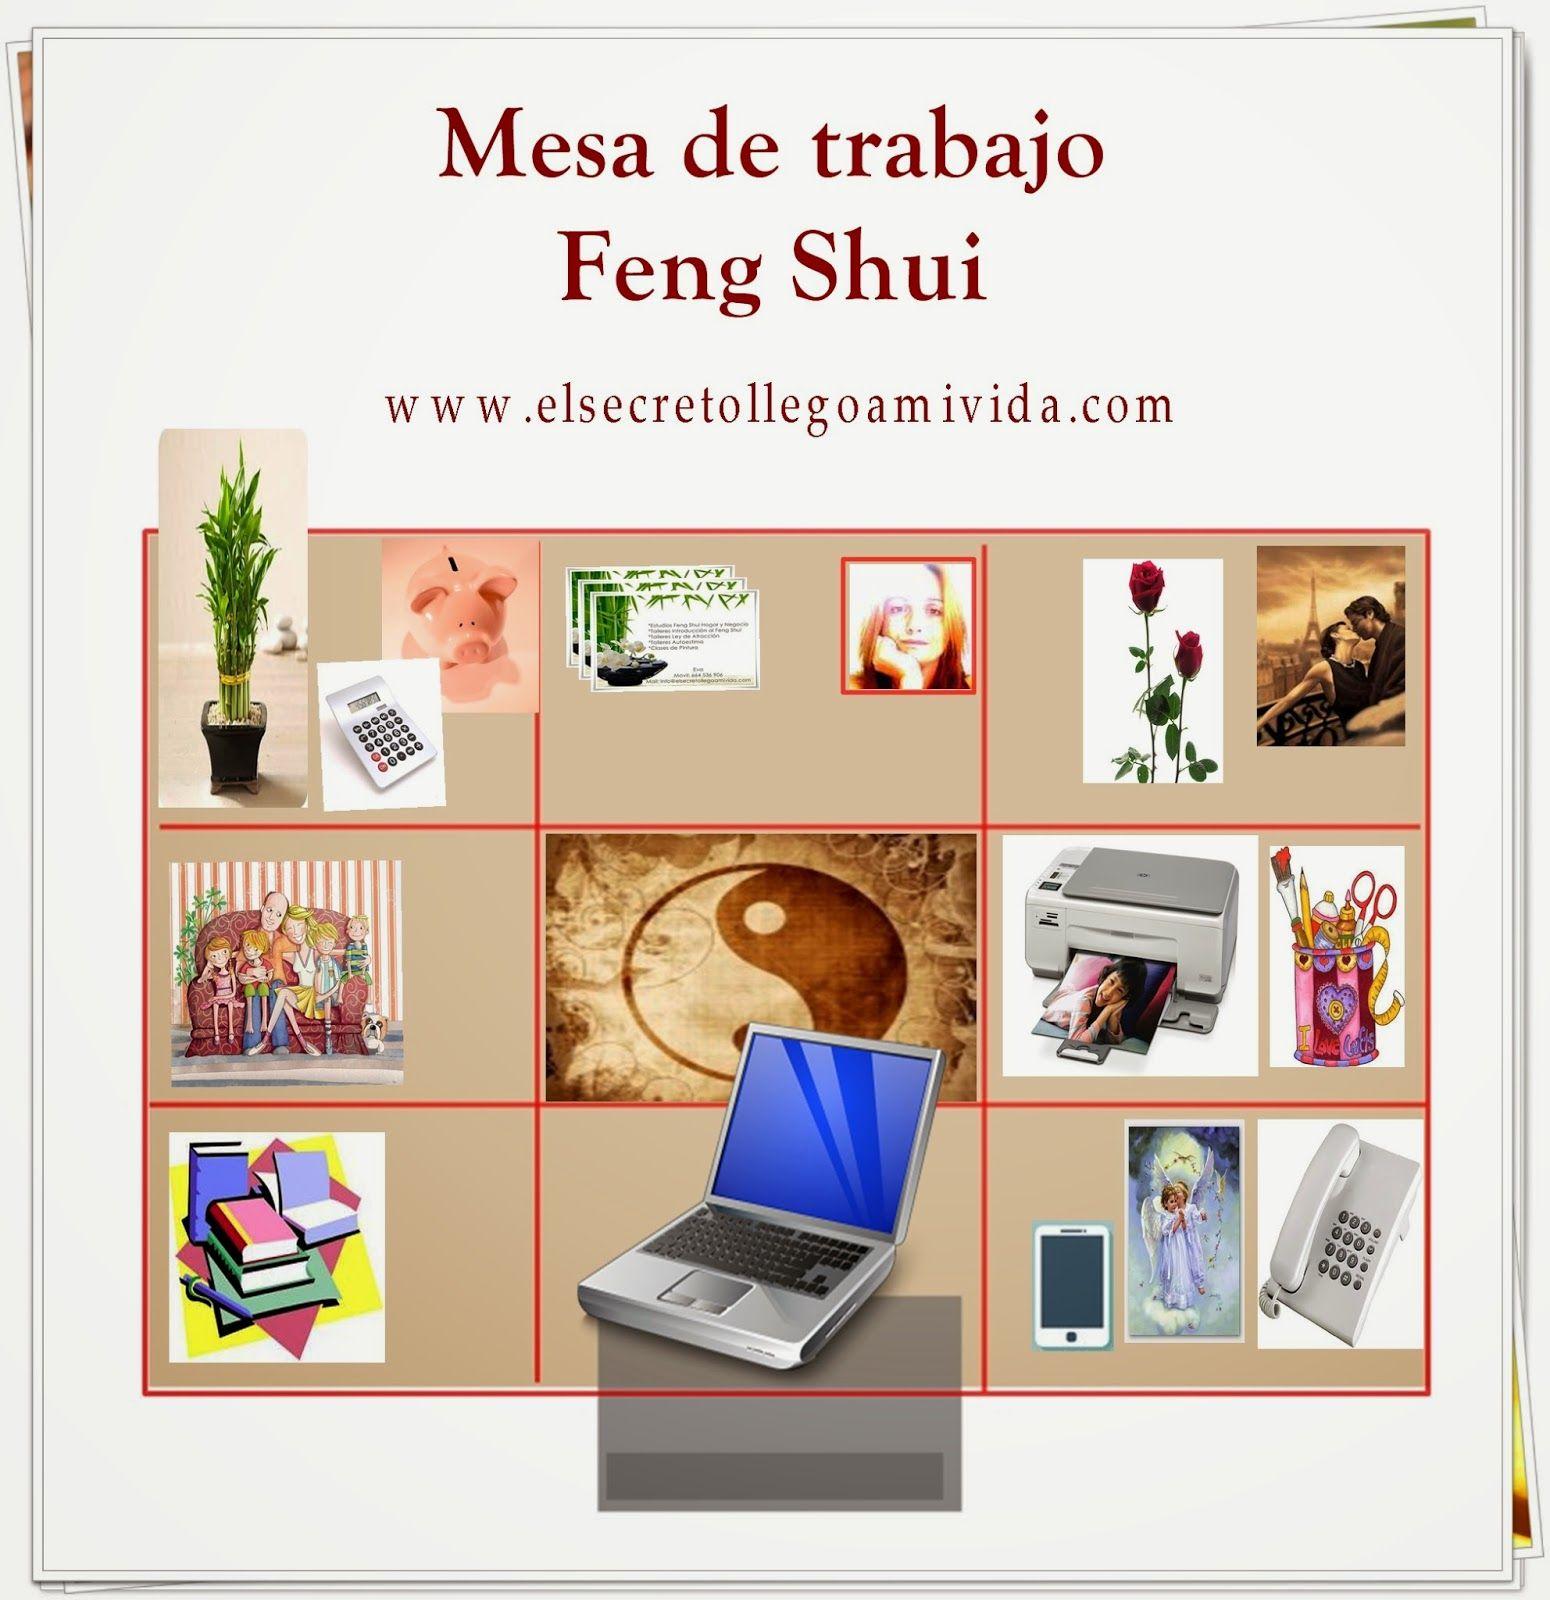 El secreto llego a mi vida mesa de trabajo con feng shui - Feng shui atraer dinero ...